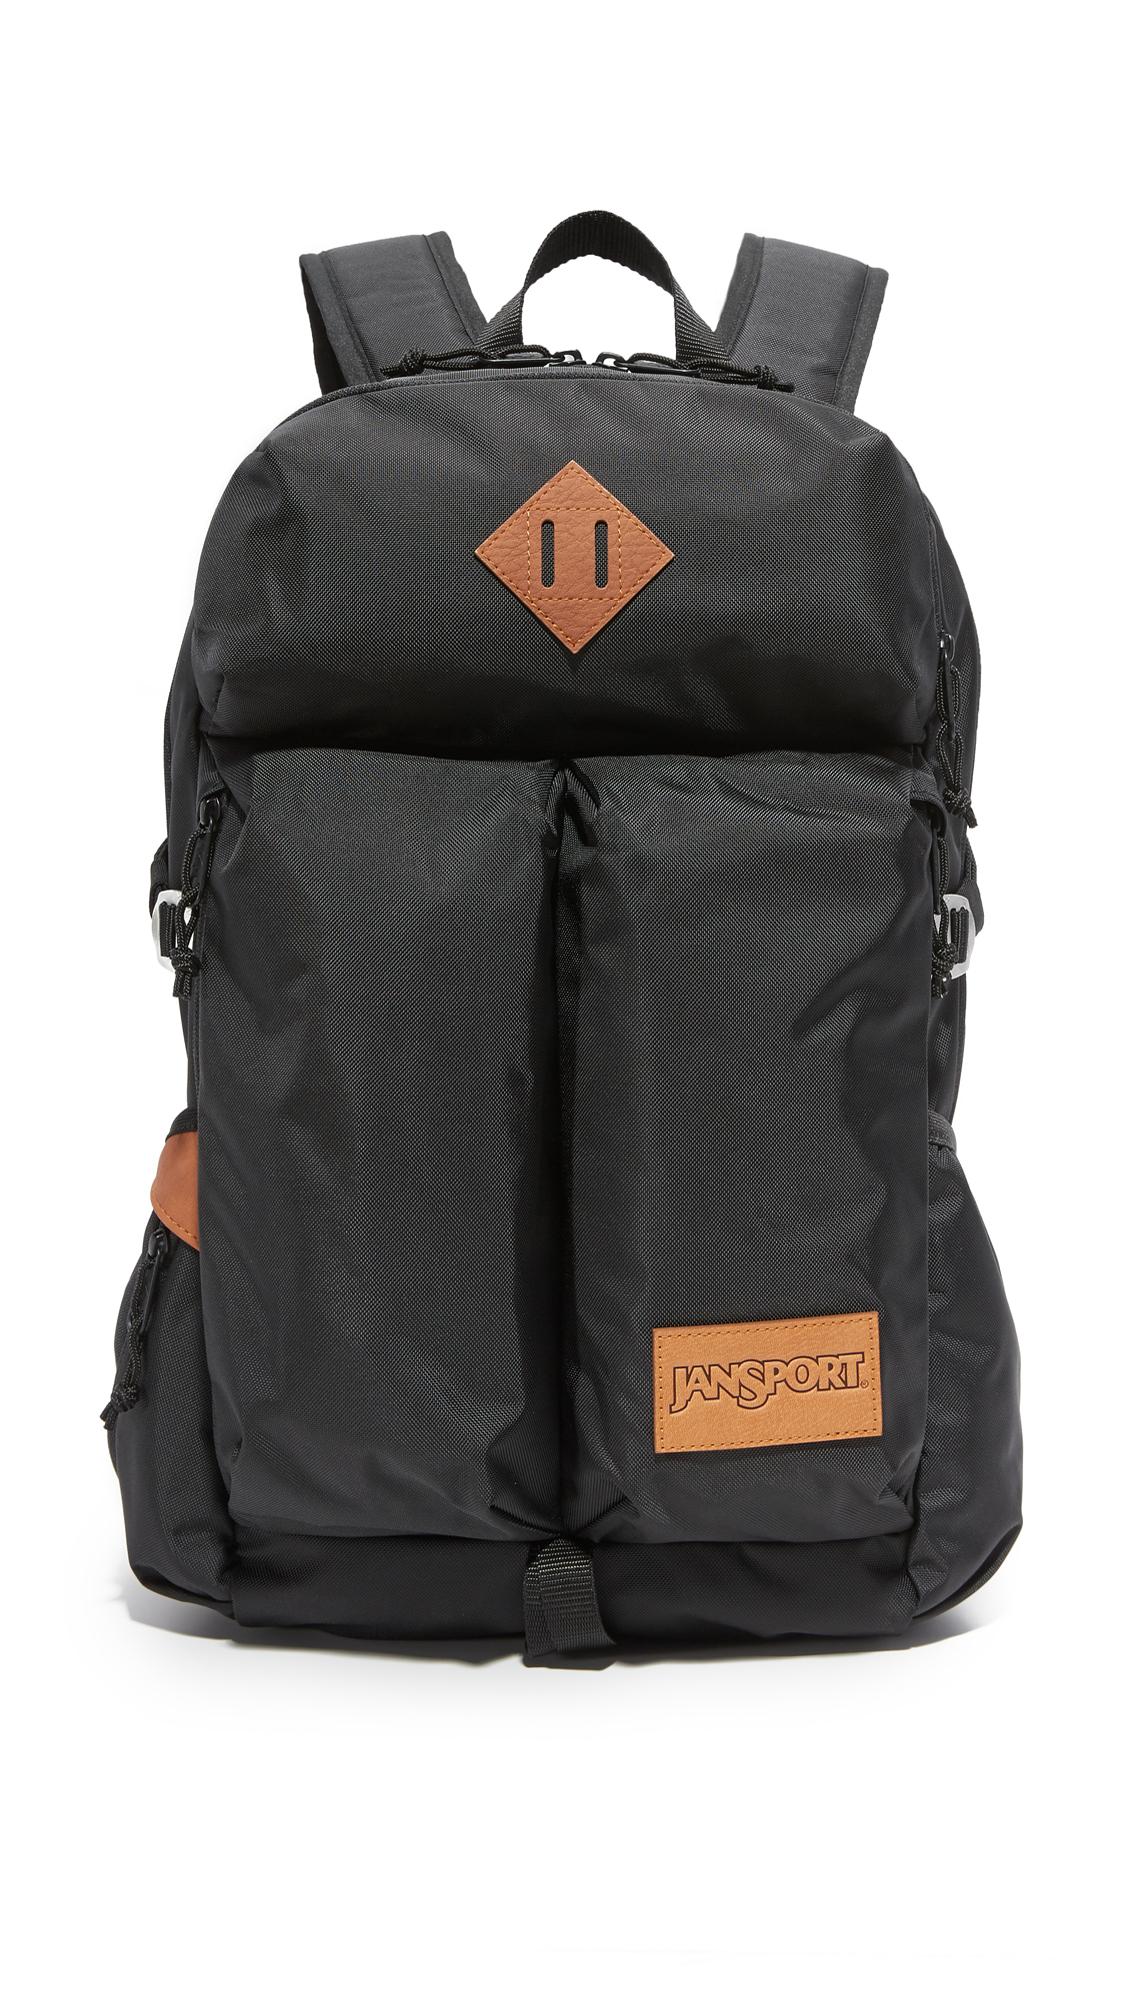 Jansport Bishop Ballistic Nylon Backpack In Black For Men